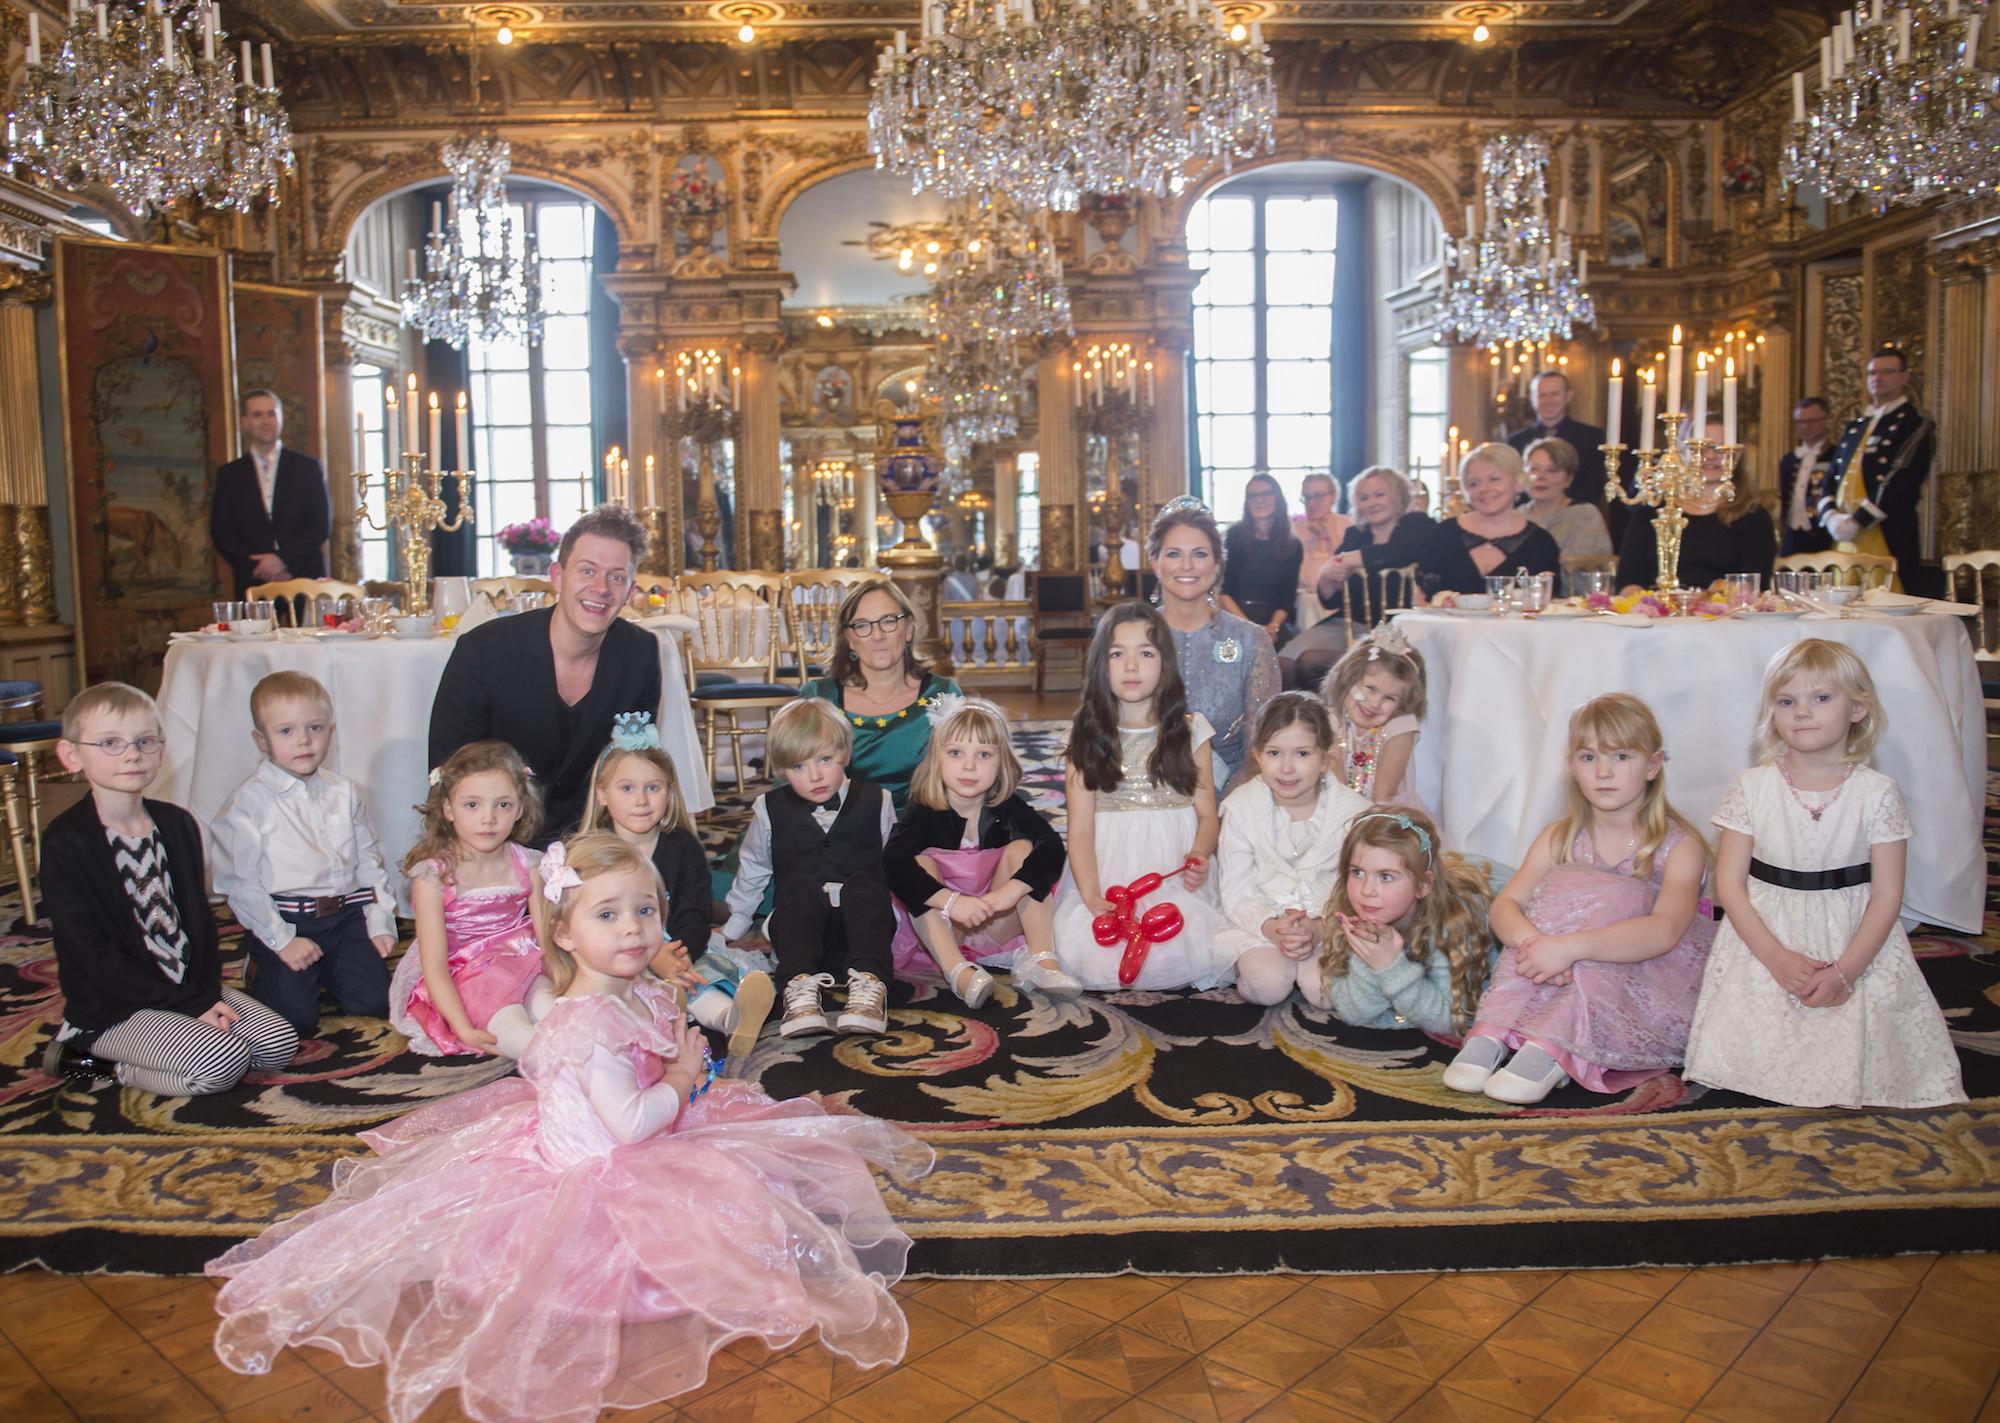 Måndagen den 22 februari 2016 arrangerade Prinsessan Madeleine, tillsammans med organisationen Min Stora Dag, ett sagokalas på Kungliga slottet. Till Kungliga slottet kom 12 barn, mellan 5–8 år, från hela landet för att vara med vid sagokalaset. Prinsessan Madeleine hälsade alla välkomna och därefter bjöds det på saft, kakor och tårta. Efter en stunds lek uppträdde Tobbe Trollkarl därefter avrundades kalaset med fiskdamm och mera lek. H.K.H. Prinsessan Madeleine / H.R.H Princess Madeleine